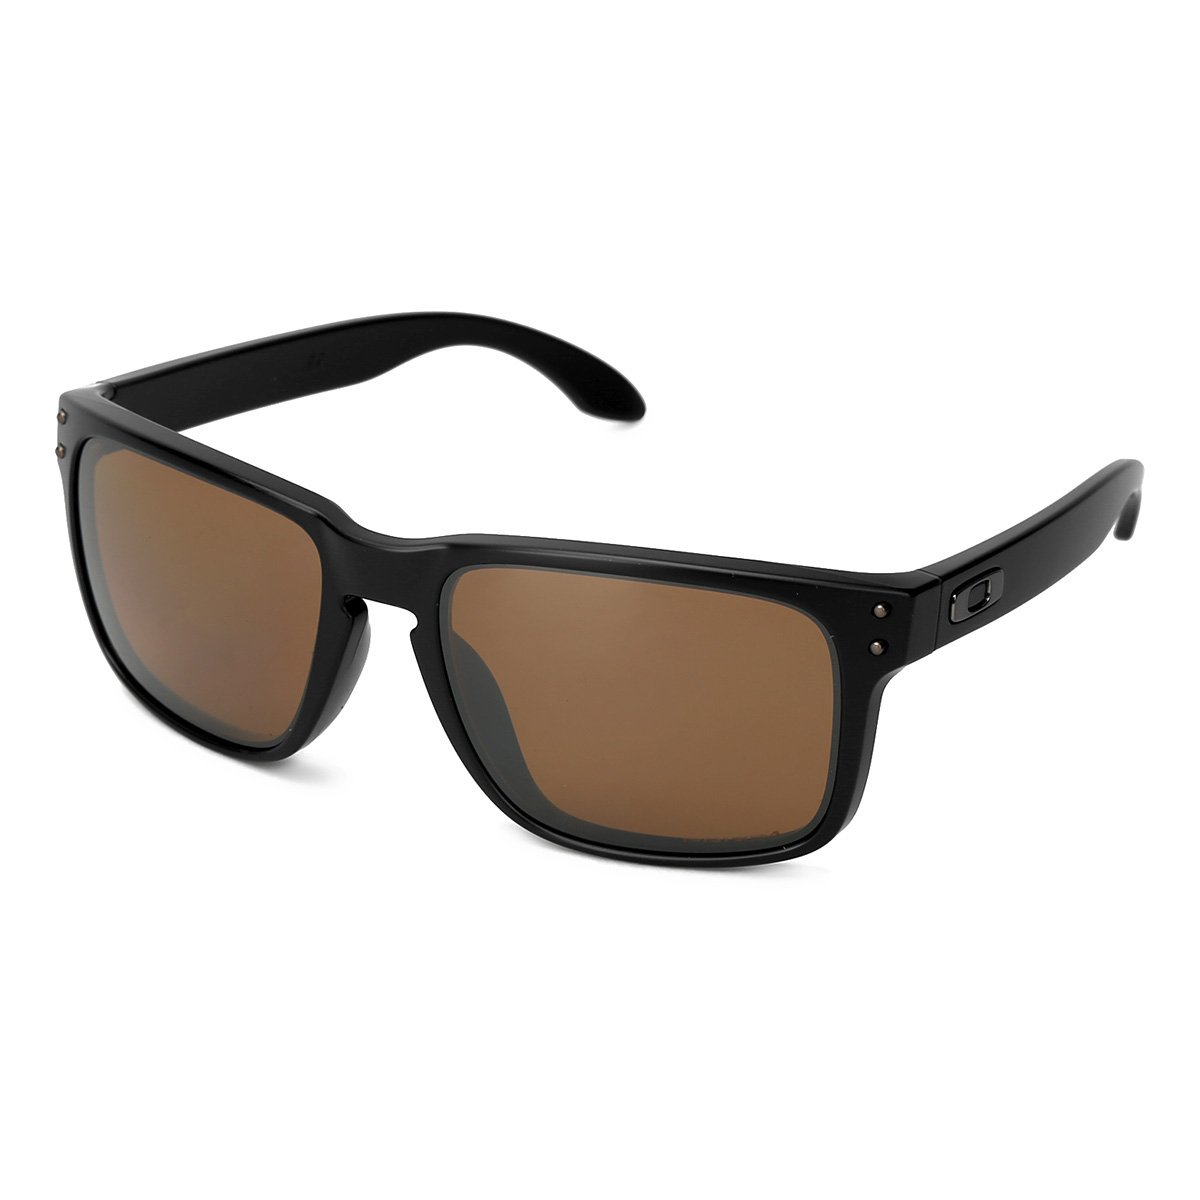 Óculos de Sol Oakley Holbrook Masculino   Livelo -Sua Vida com Mais ... 19ccc95703